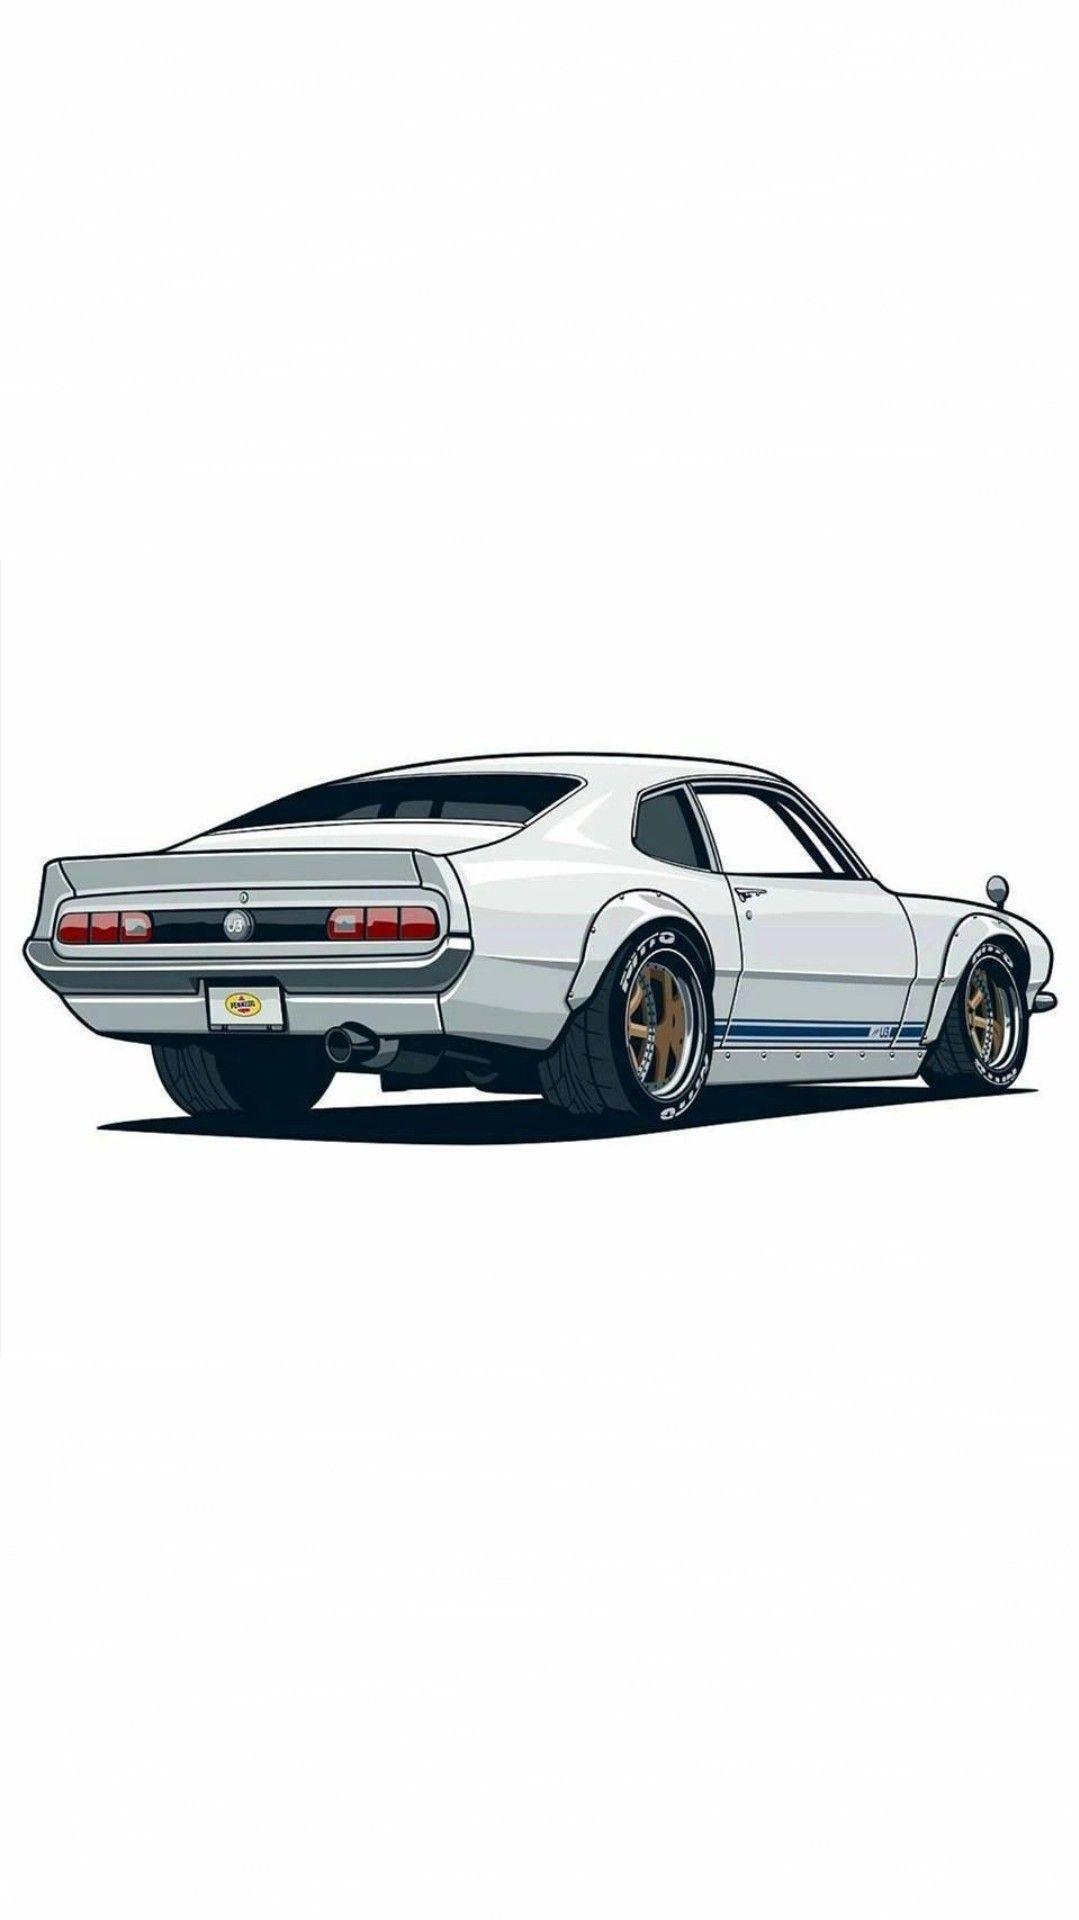 Cute Cartoon Hd Wallpaper Download Shelby Mustang Art Iphone Wallpaper Iphone Wallpapers